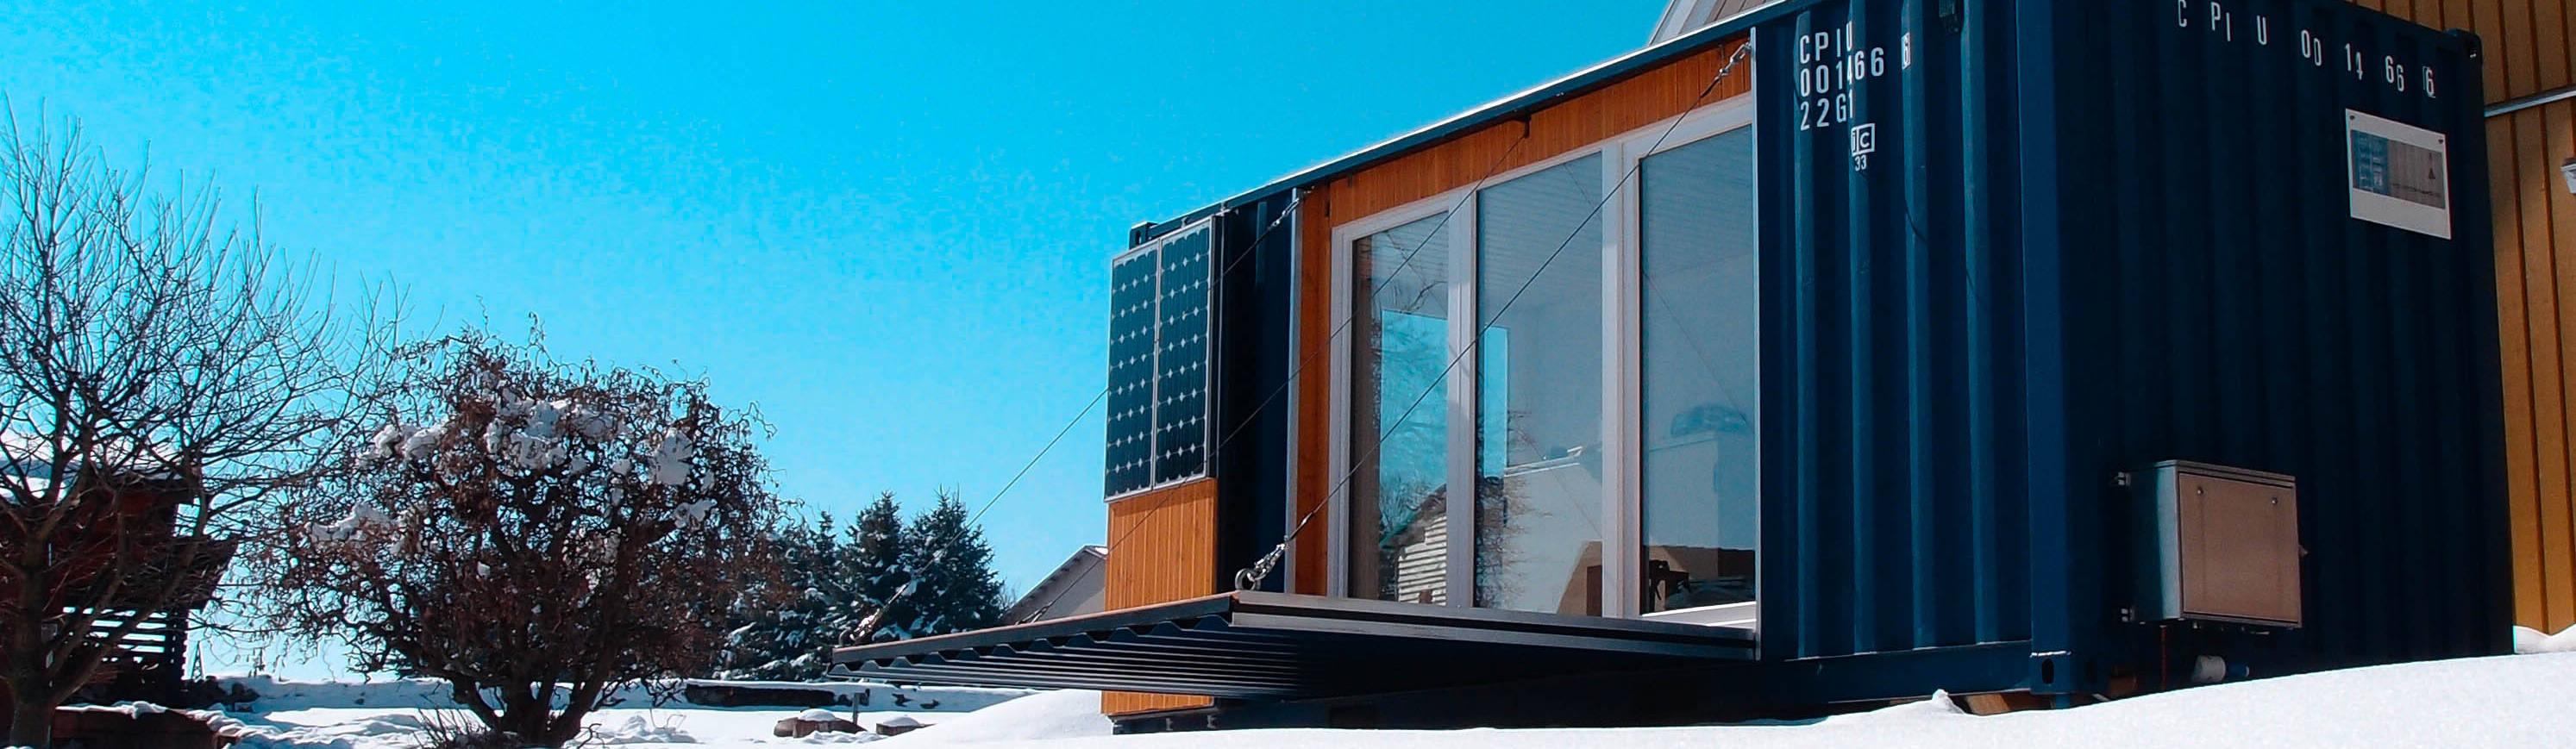 Stefan Brandt—solare Luftheizsysteme und Warmuftkollektoren